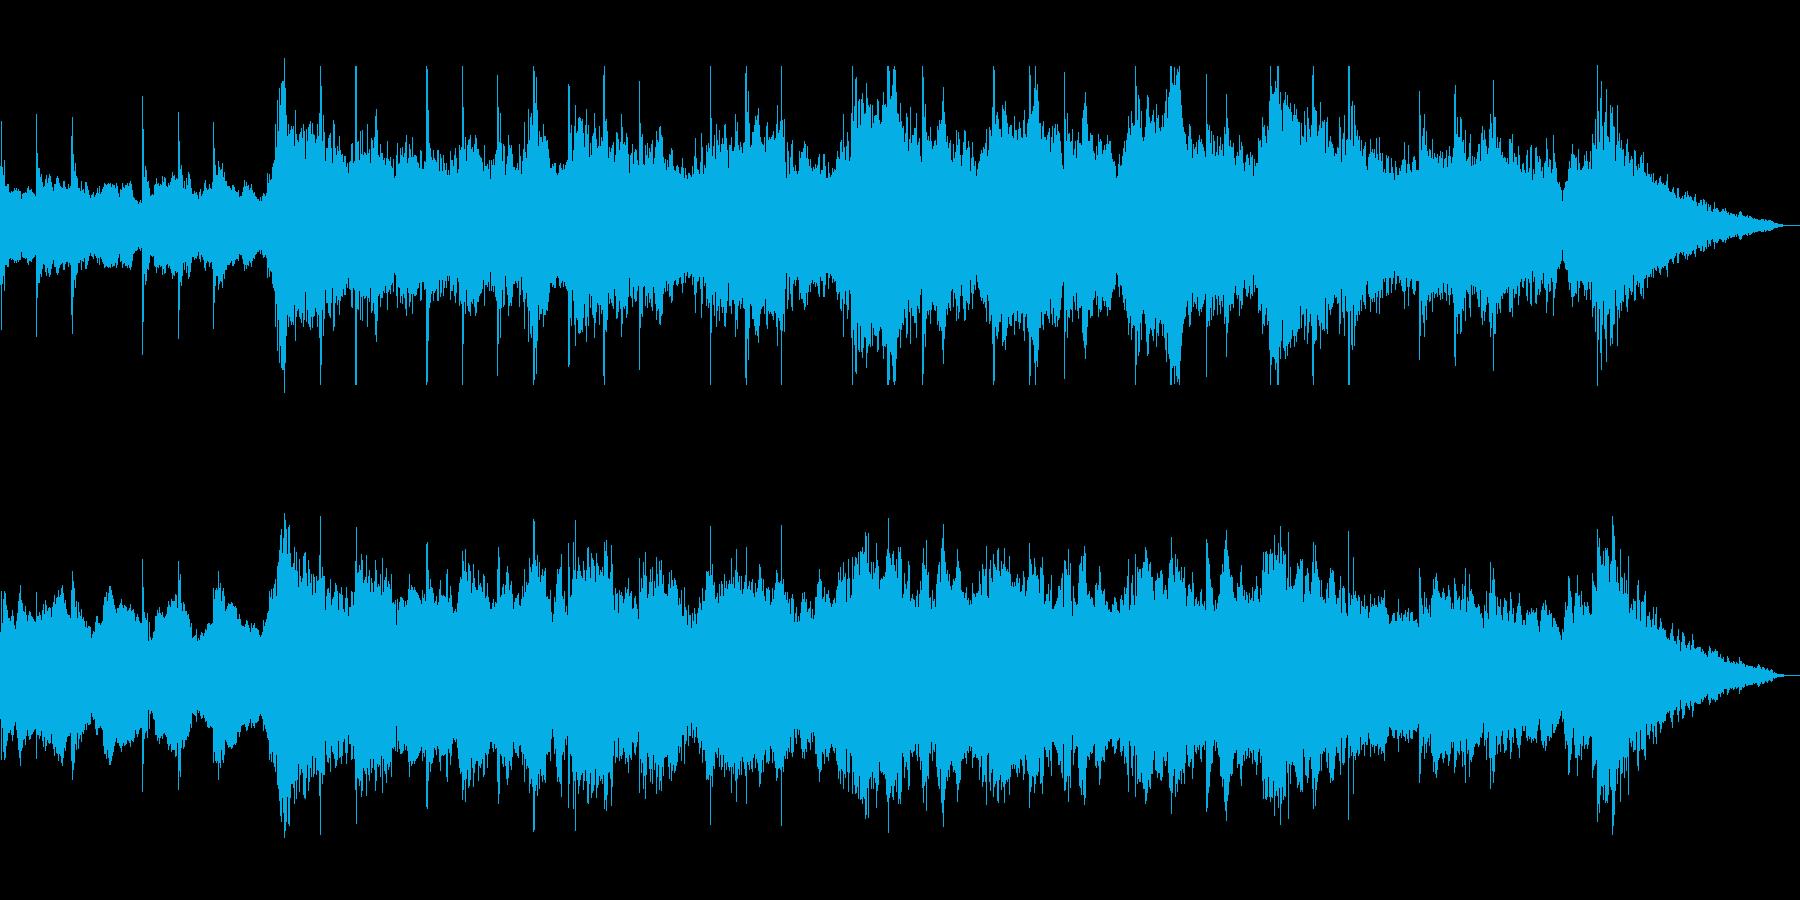 ゆったりドラマチックな打楽器シンセの再生済みの波形